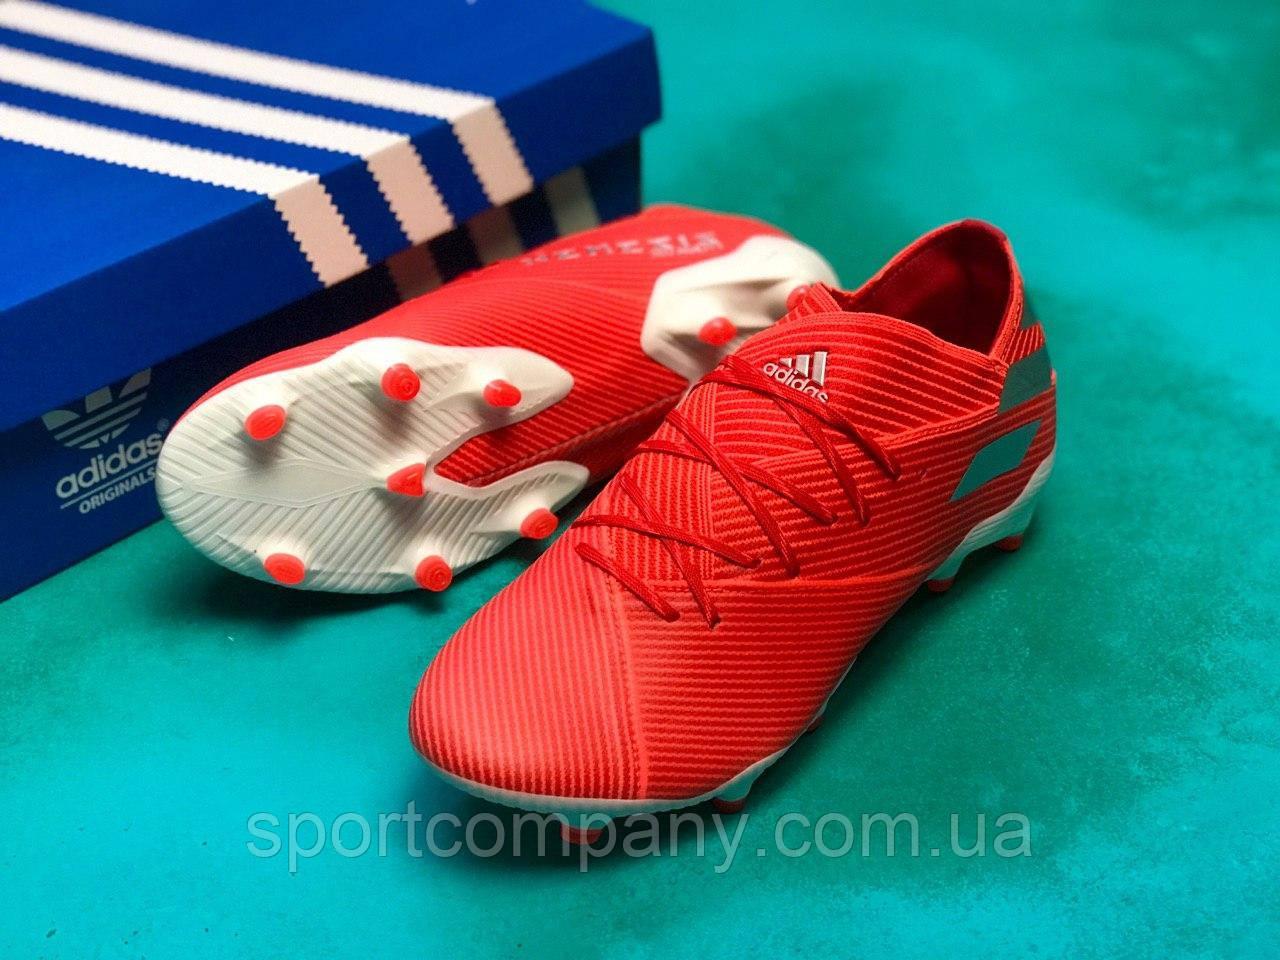 Бутсы Adidas Nemeziz 19.1 (адидас немезиз)